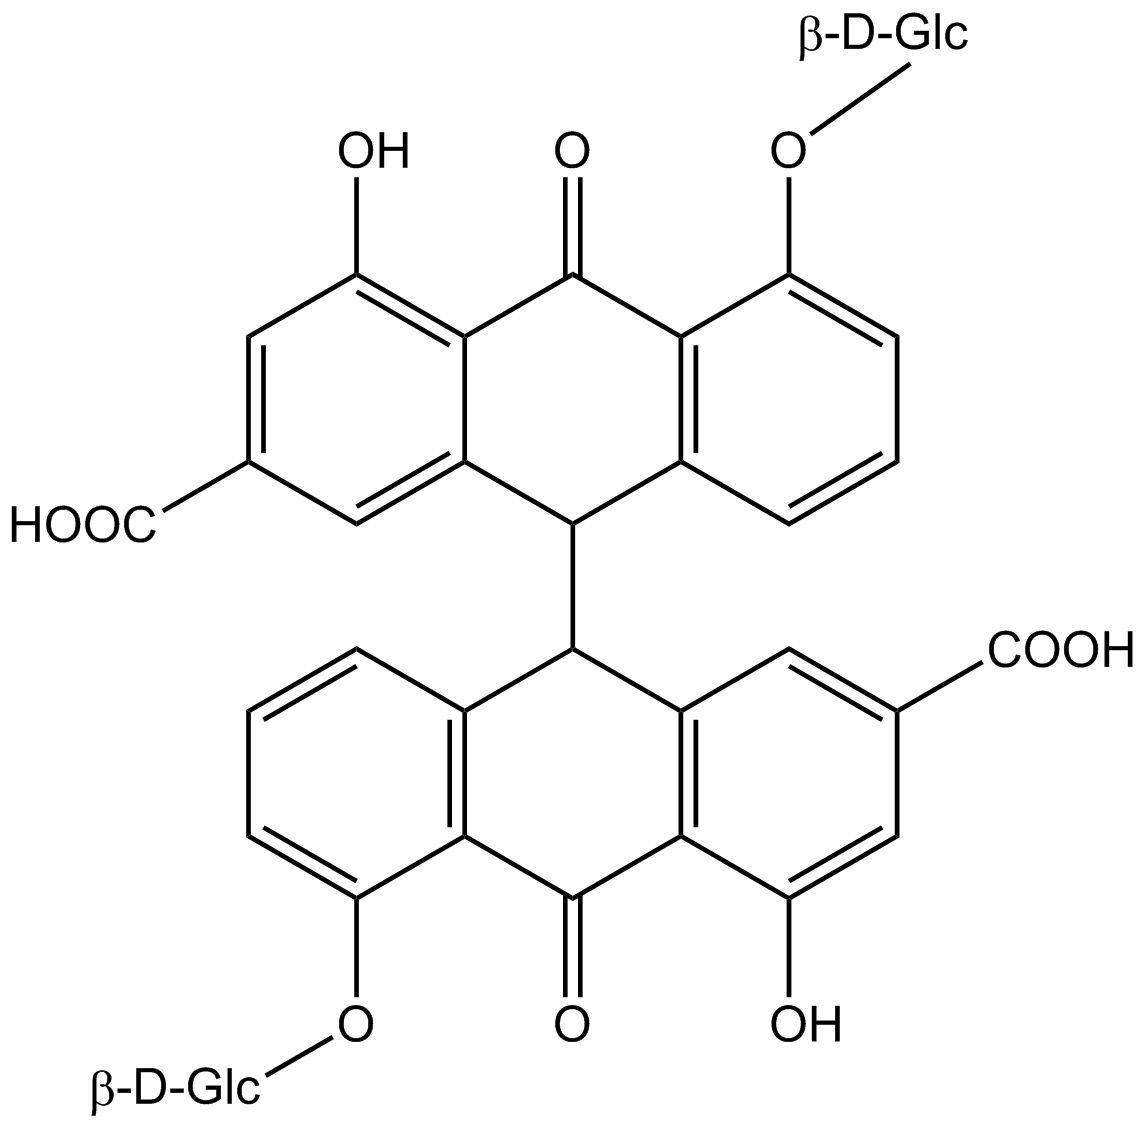 Sennoside a1